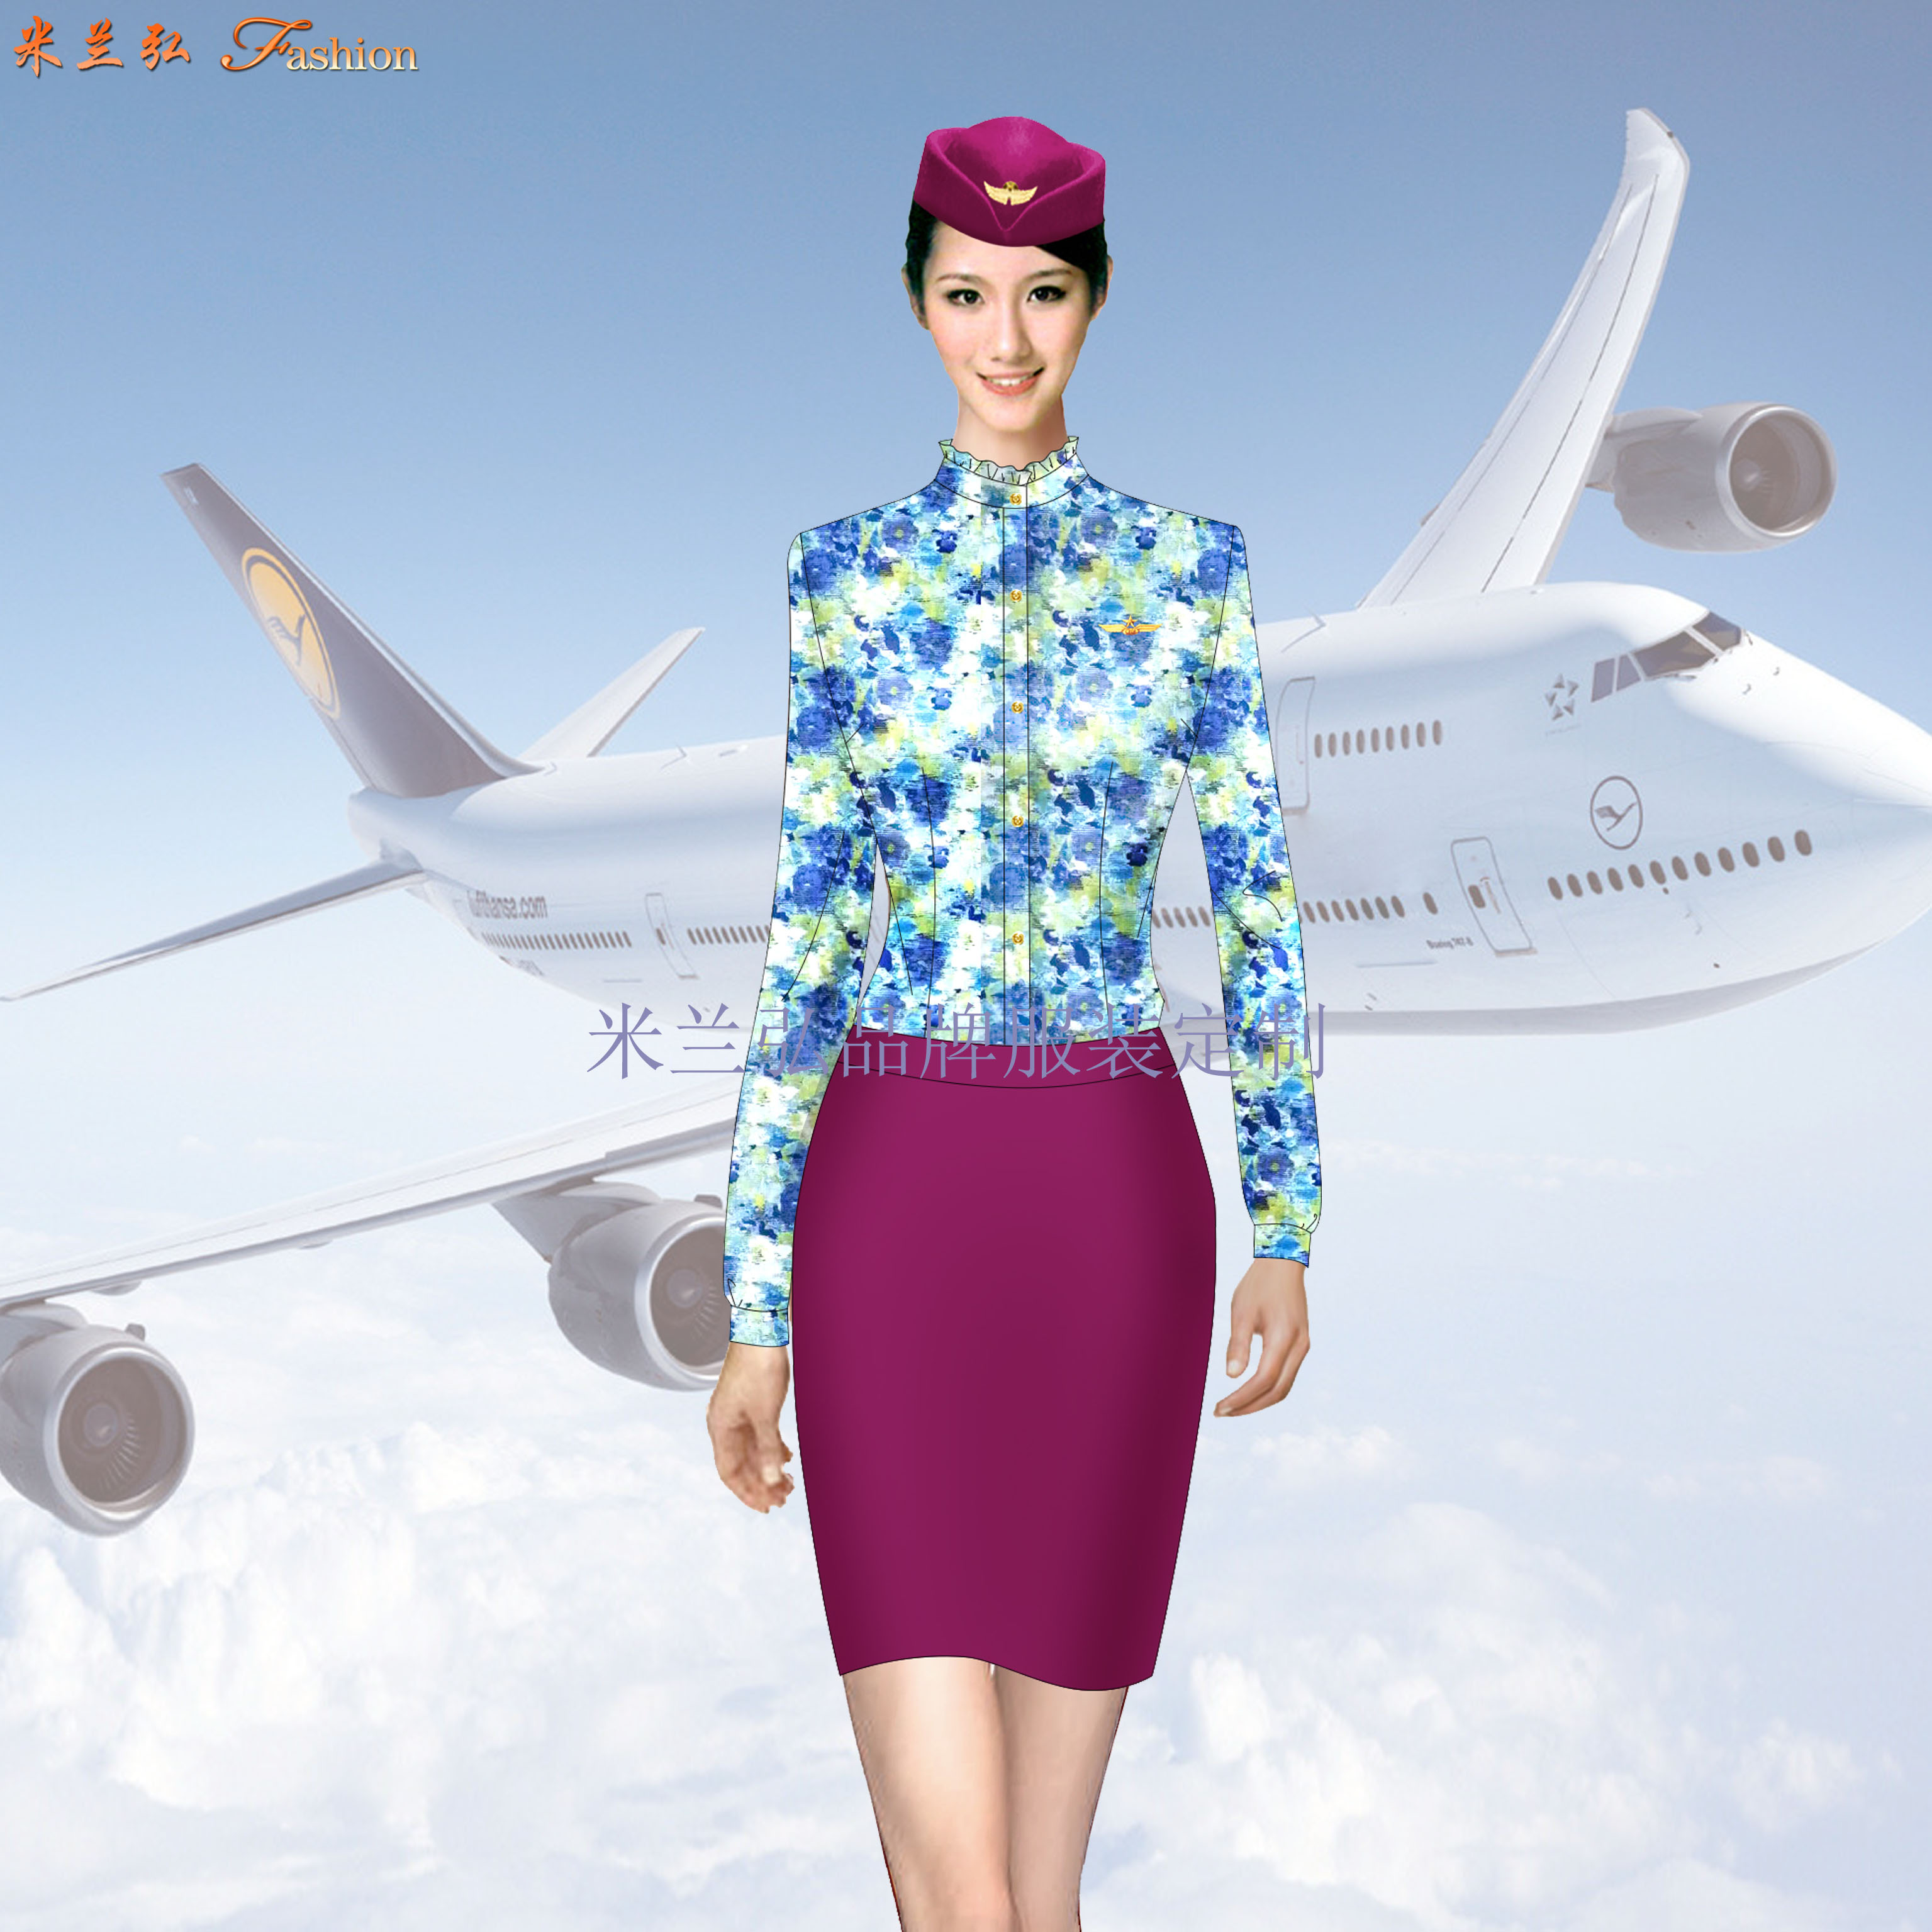 空姐職業裝定做圖片_空乘時裝套裝訂制-米蘭弘服裝廠家-5